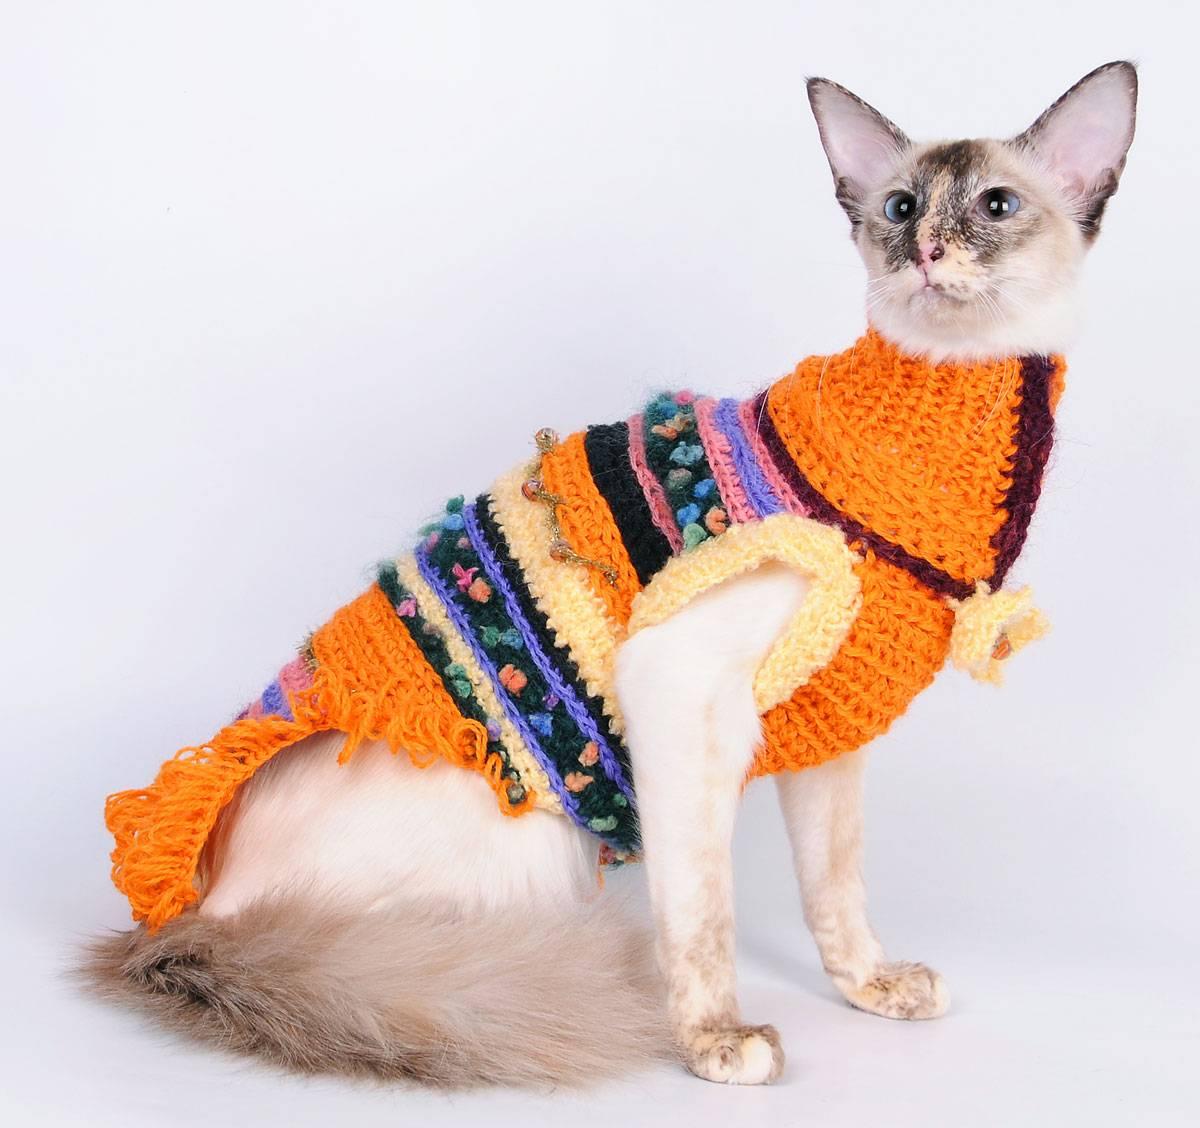 Как пошить одежду для кошки в домашних условиях?